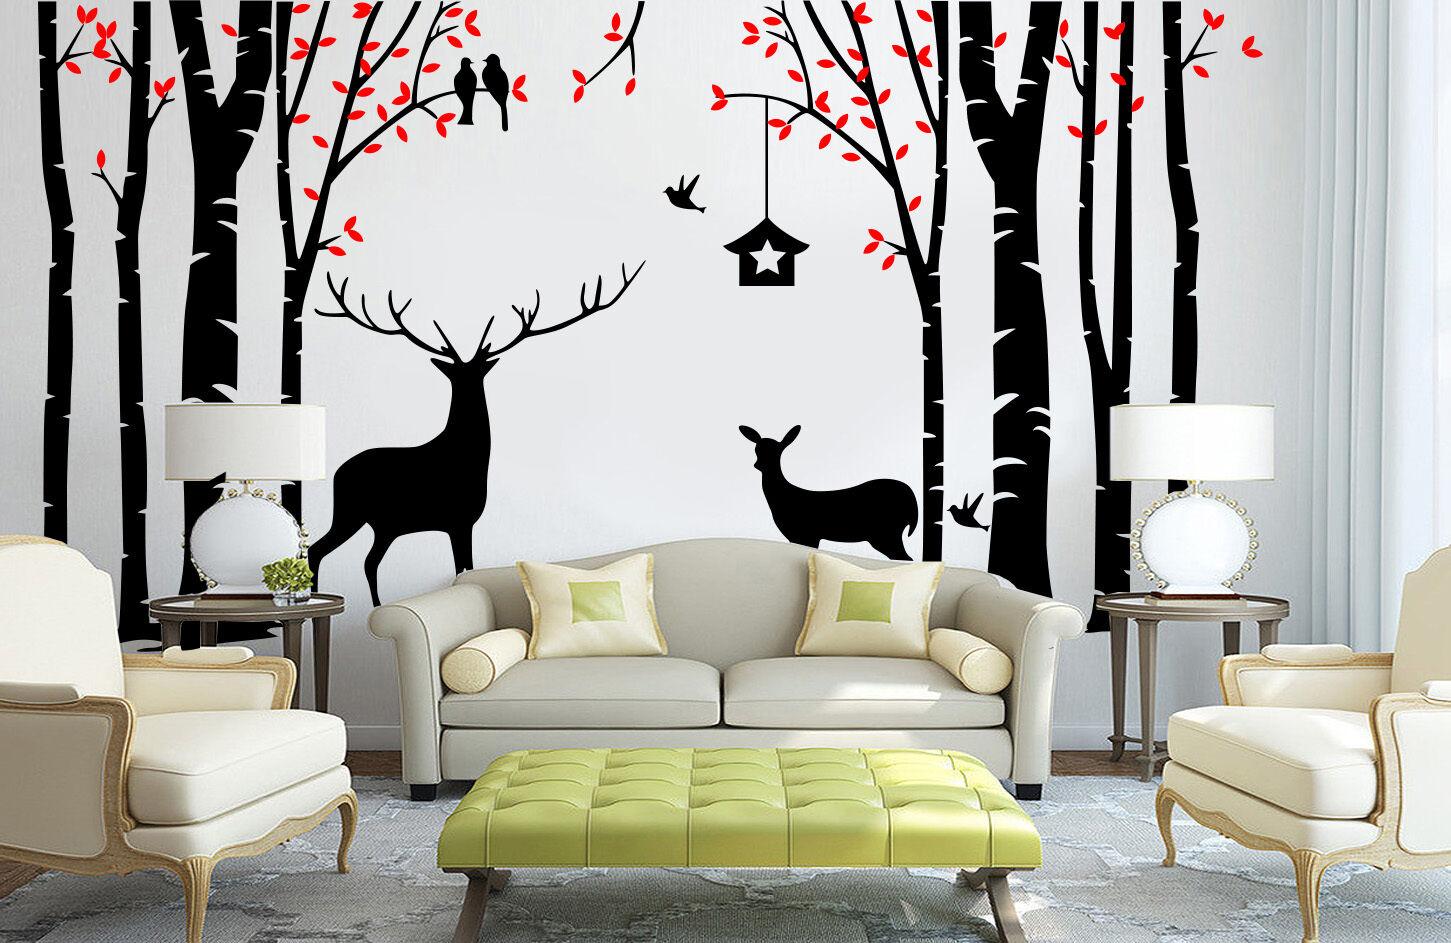 La Foresta Di Betulla Cervo Cervo Cervo nido di rondine Stanza Adesivi Murali Vinly Decalcomania Decor UK rui244 6da924